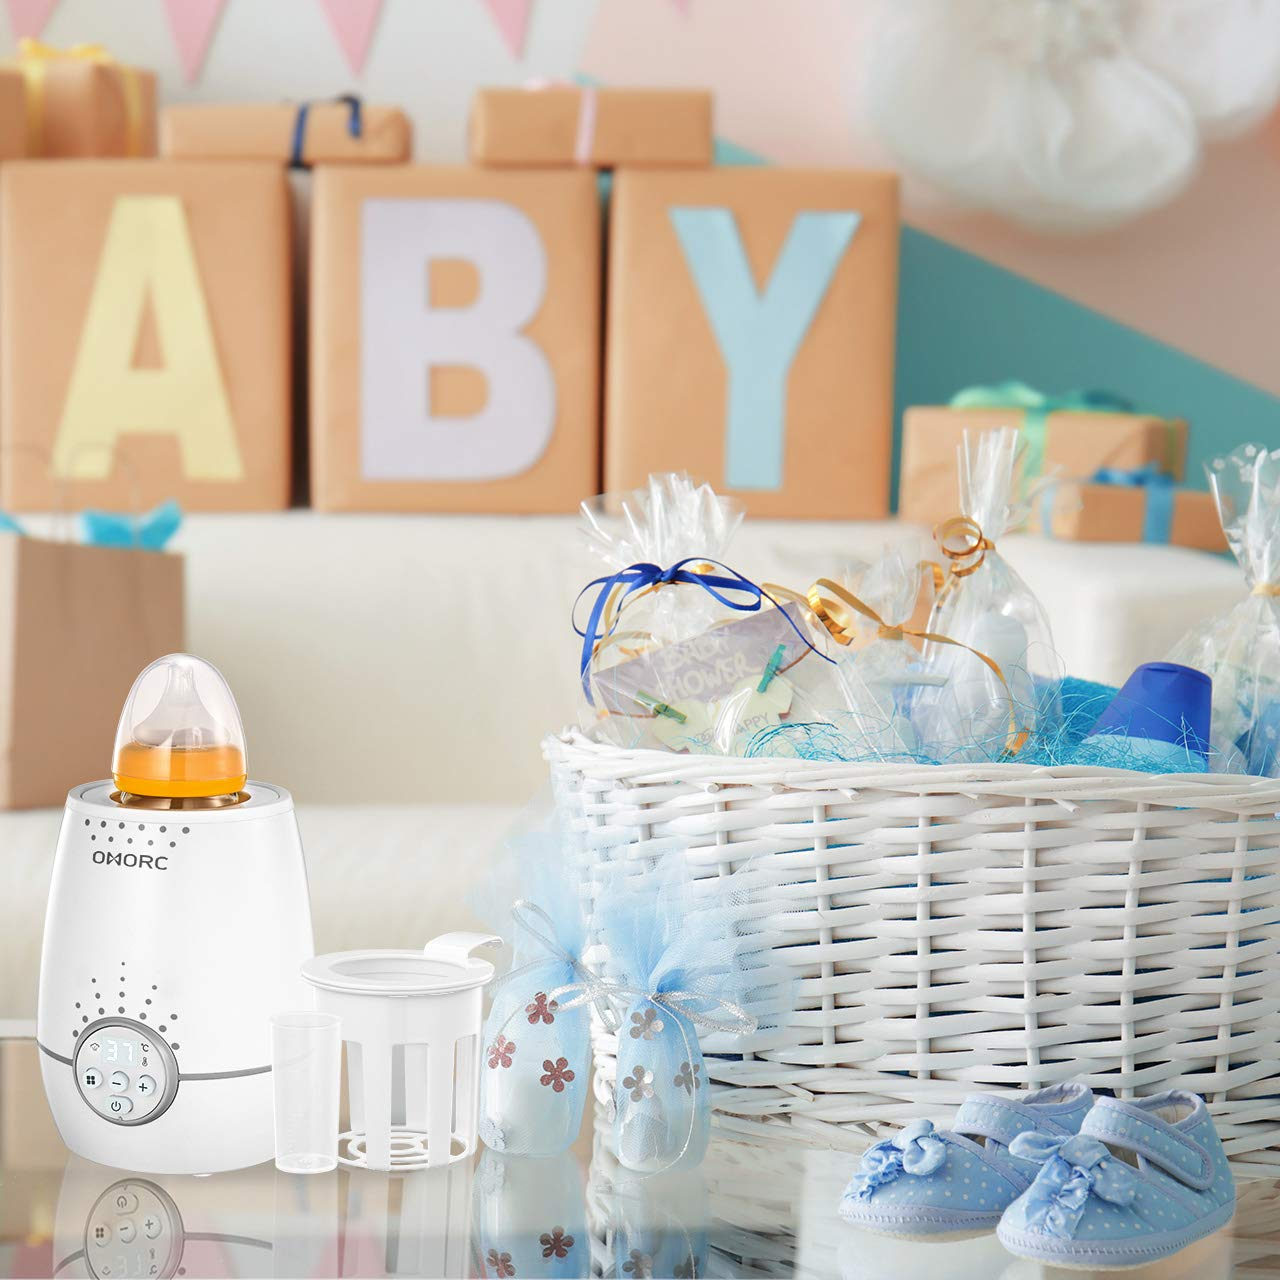 3-in-1 Babykostw/ärme mit LED Display 2000W schnelle Erw/ärmung flaschenw/ärmer baby f/ür Schnelle Aufheizung Desinfektion OMORC Babykost- und Fl/äschchenw/ärmer W/ärmehaltung-Wei/ß